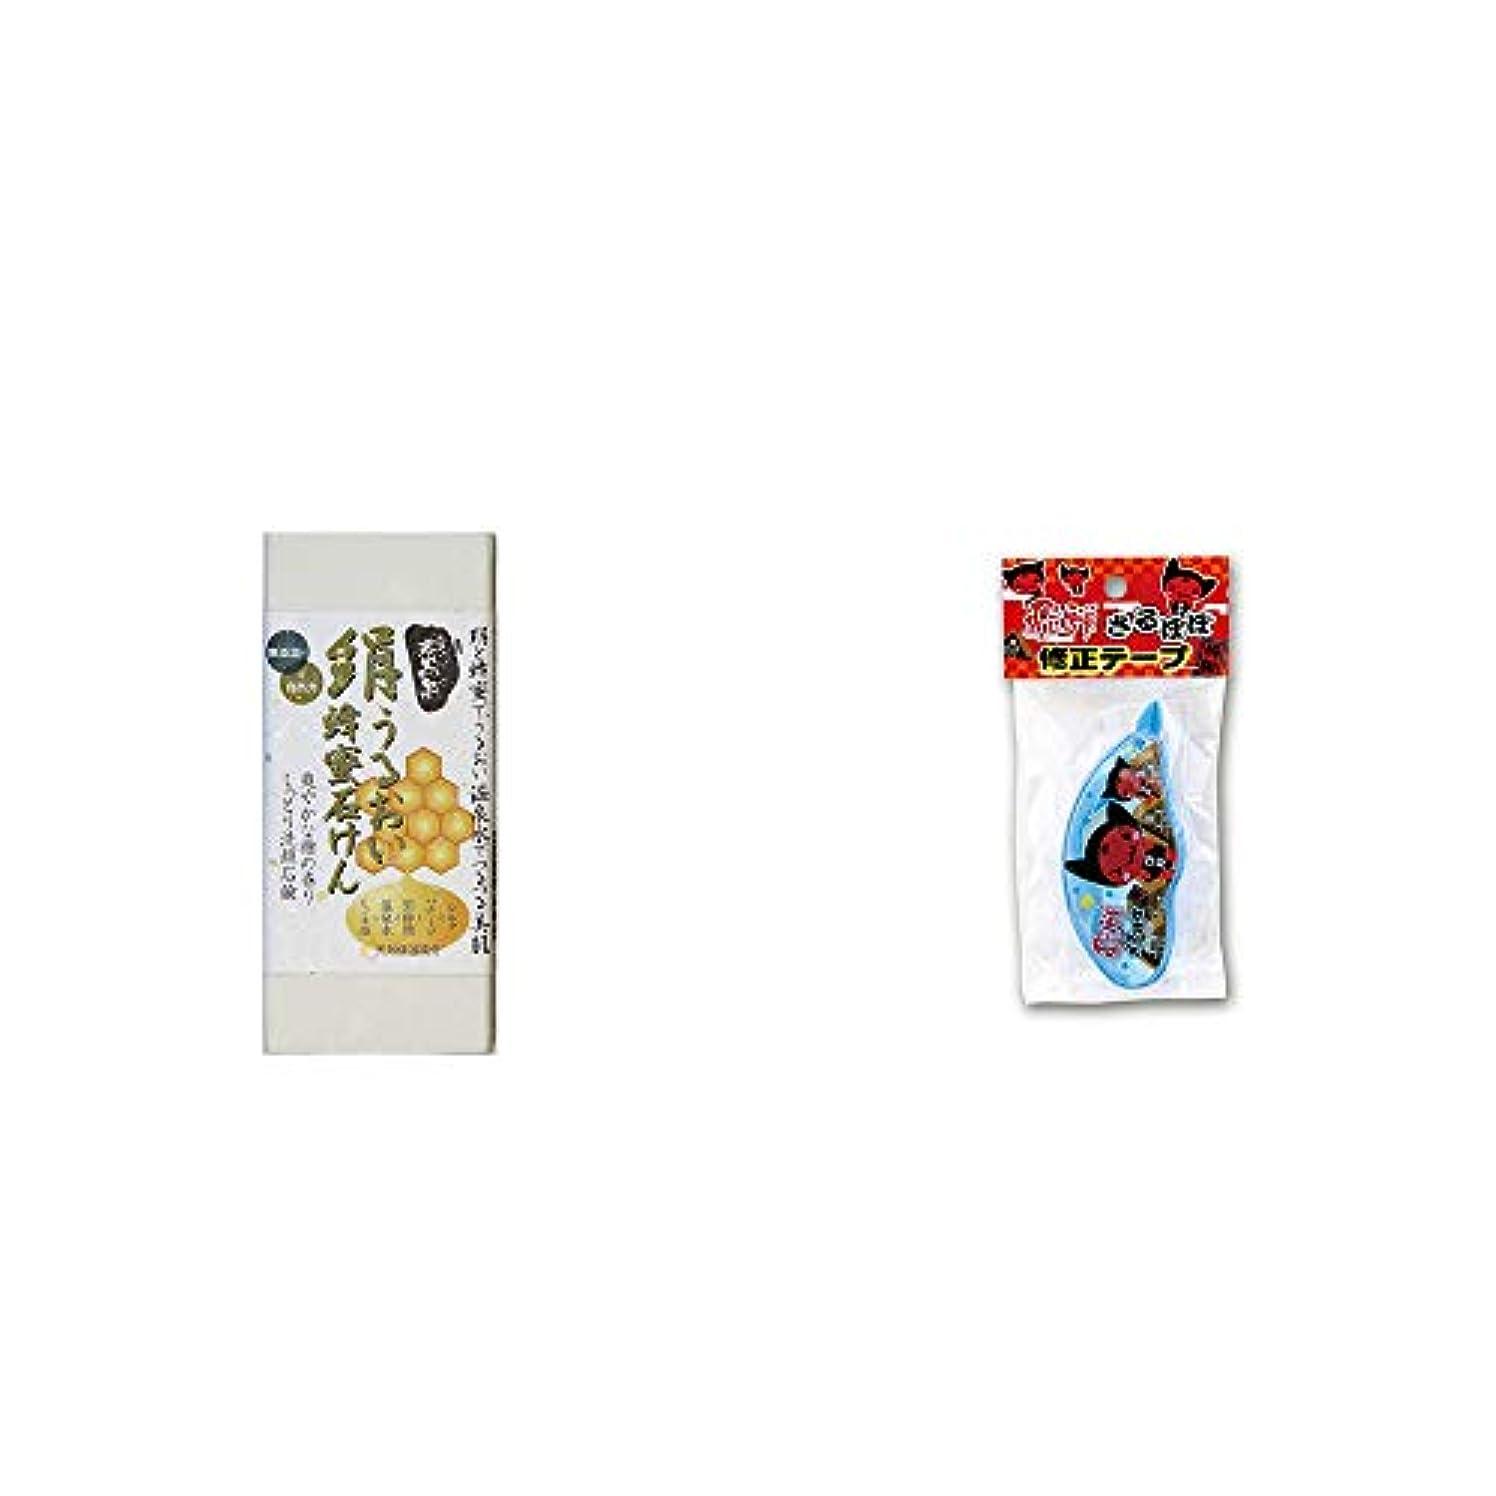 緩む関係するにぎやか[2点セット] ひのき炭黒泉 絹うるおい蜂蜜石けん(75g×2)?さるぼぼ 修正テープ【ピンク】